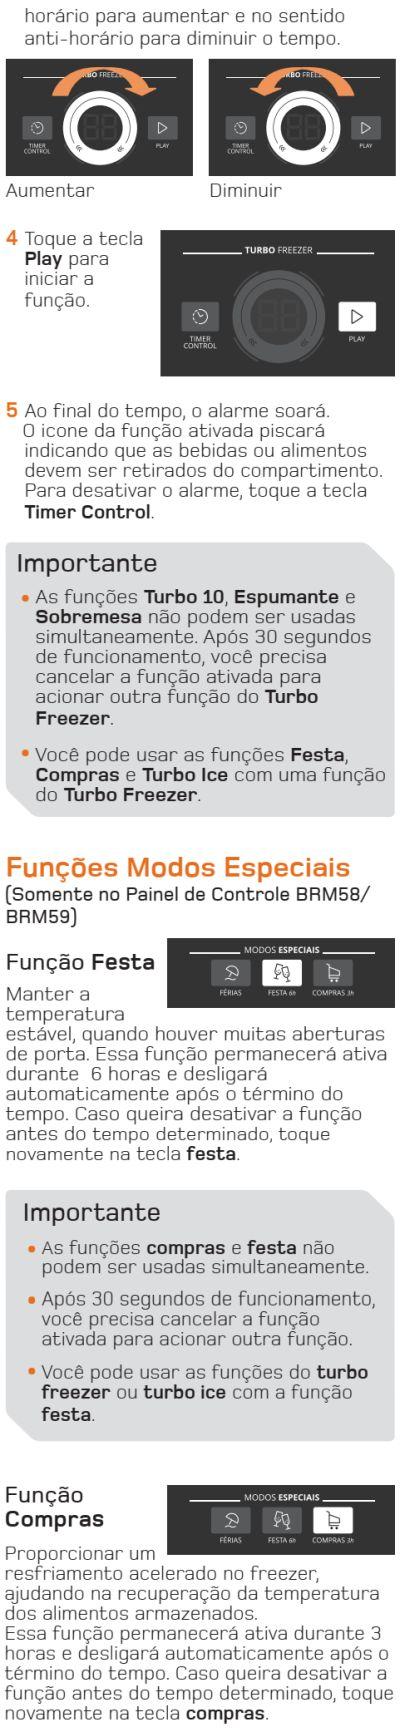 Geladeira Brastemp BRM59 - funções especiais - 2